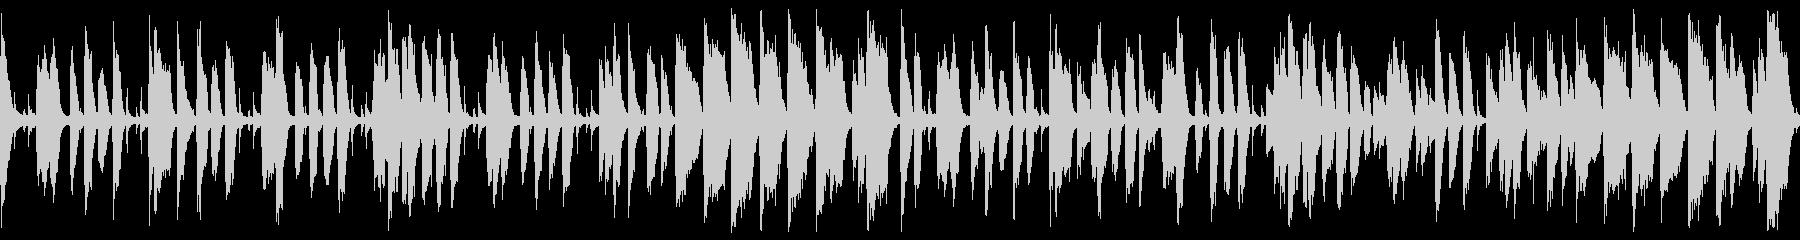 ウキウキハッピーなジャズコーラス(ループの未再生の波形